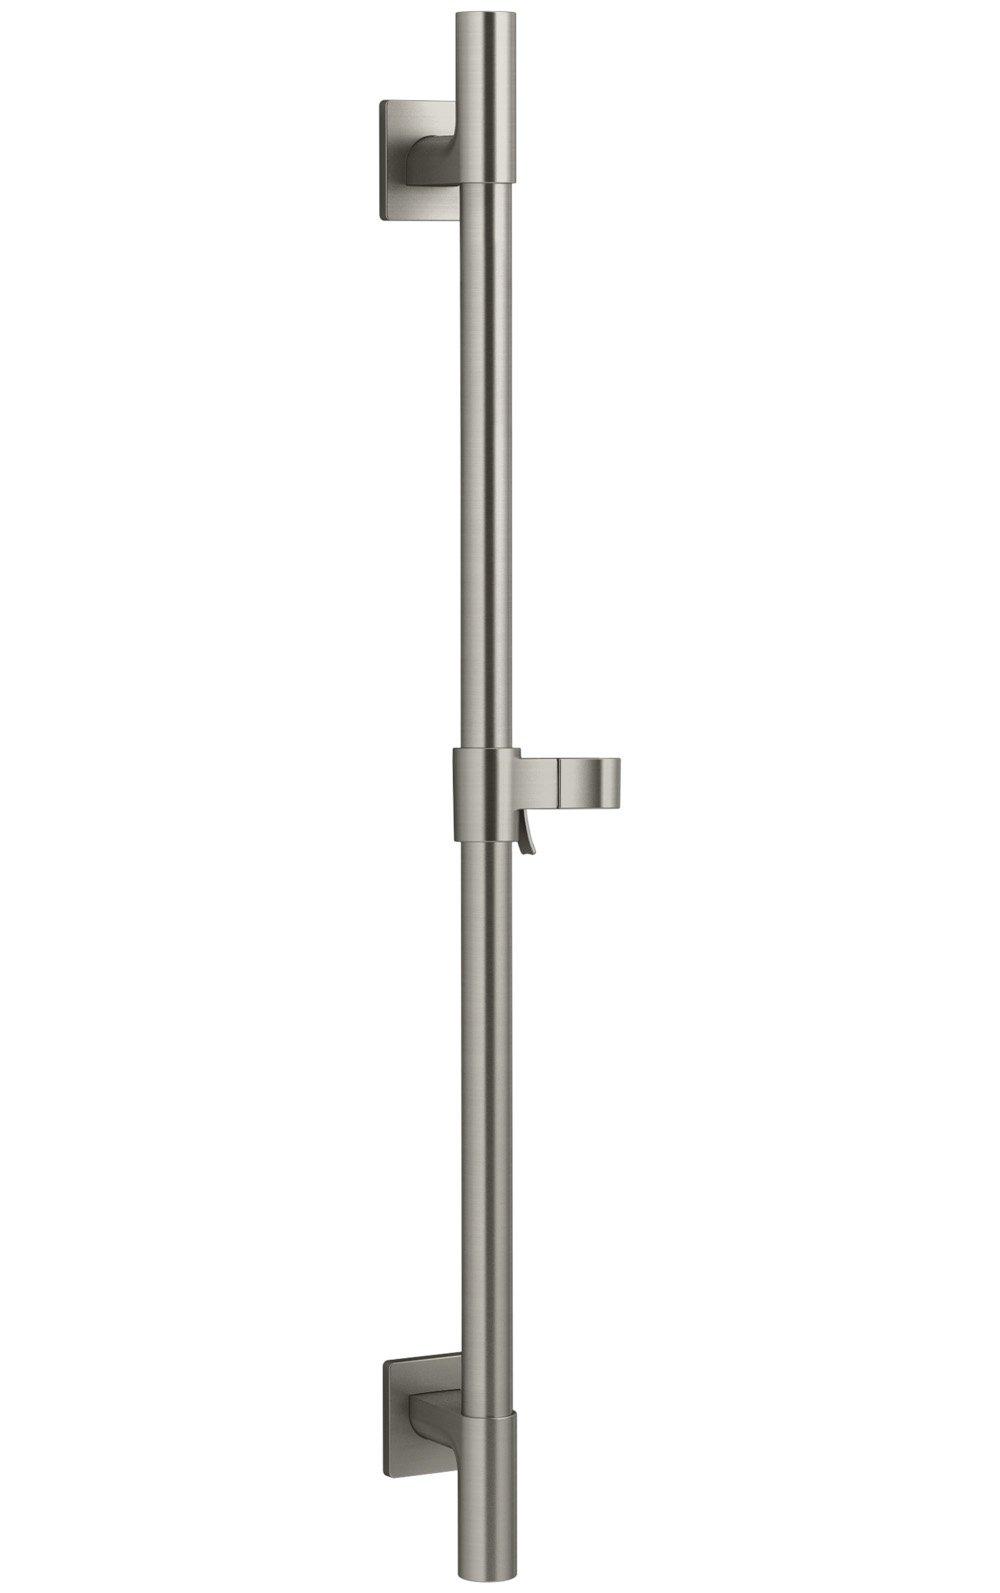 KOHLER K-98342-BN Awaken Deluxe 24-Inch Slide Bar, Vibrant Brushed Nickel